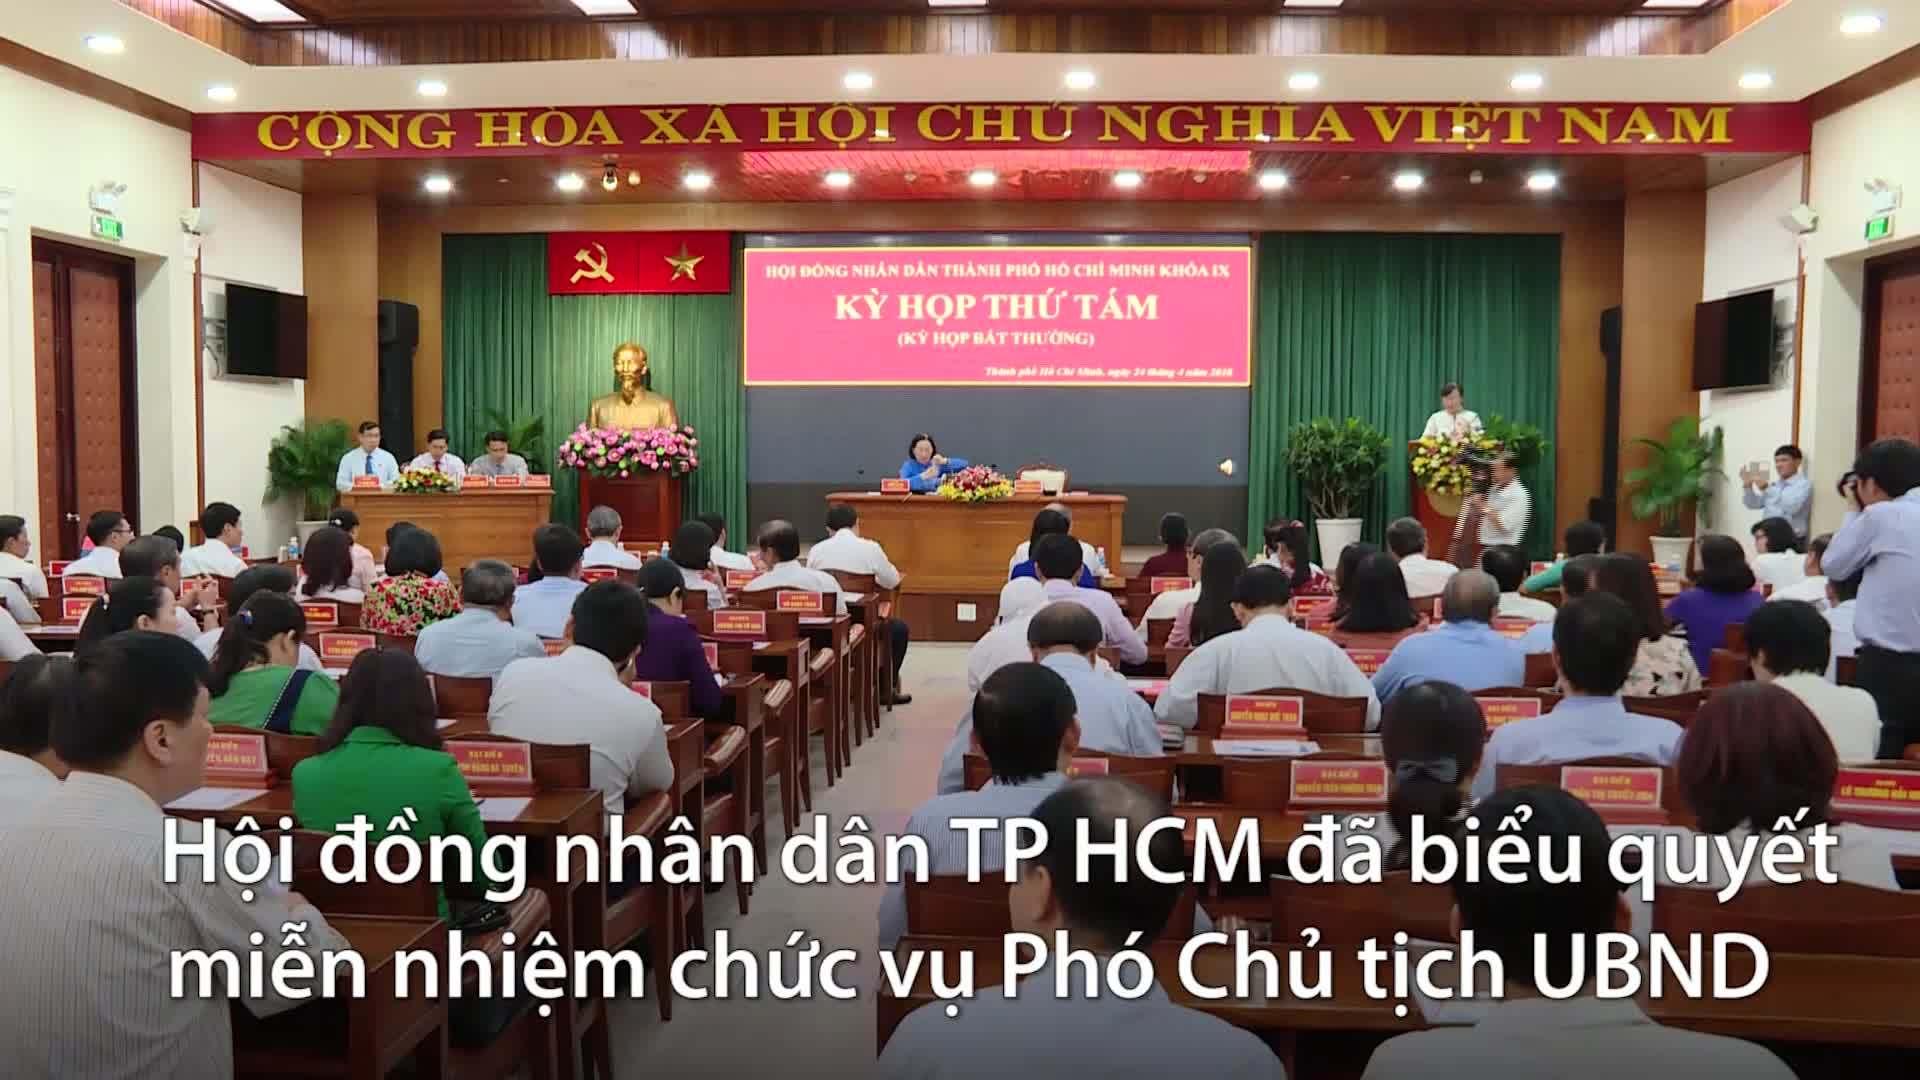 TP HCM chính thức miễn nhiệm Phó chủ tịch Lê Văn Khoa